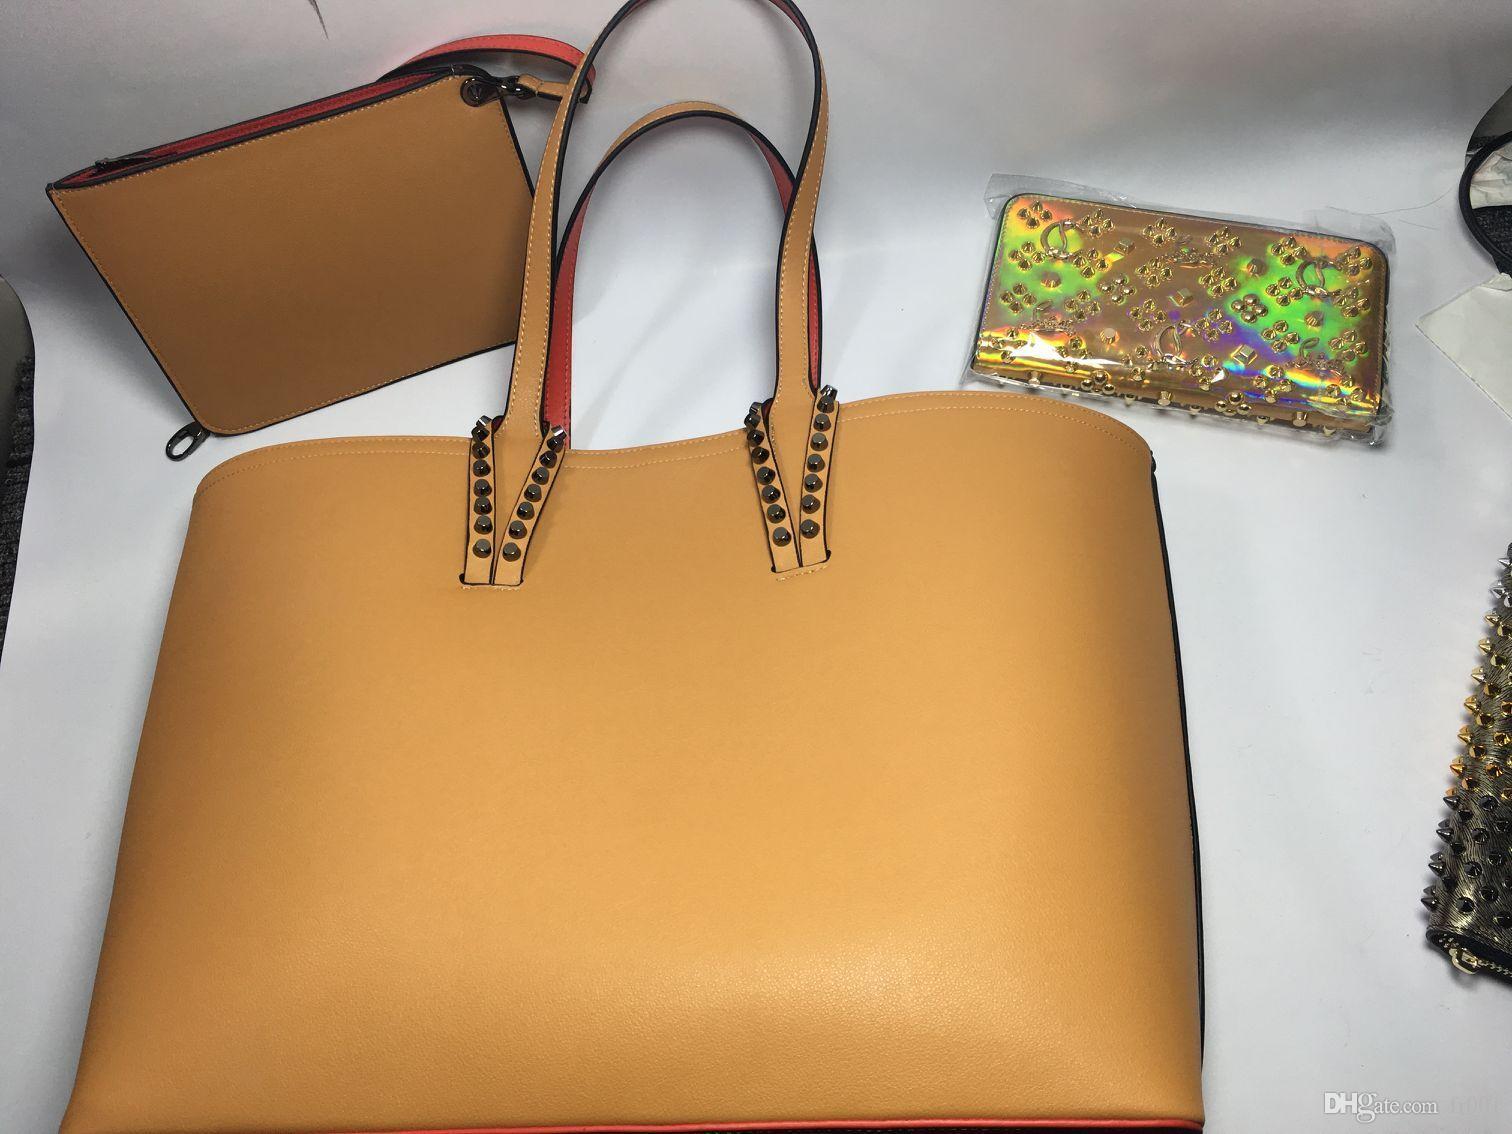 2020 colore Borse del progettista bcabata totes borsa composito famoso marchio vera pelle deve borsa Big bags